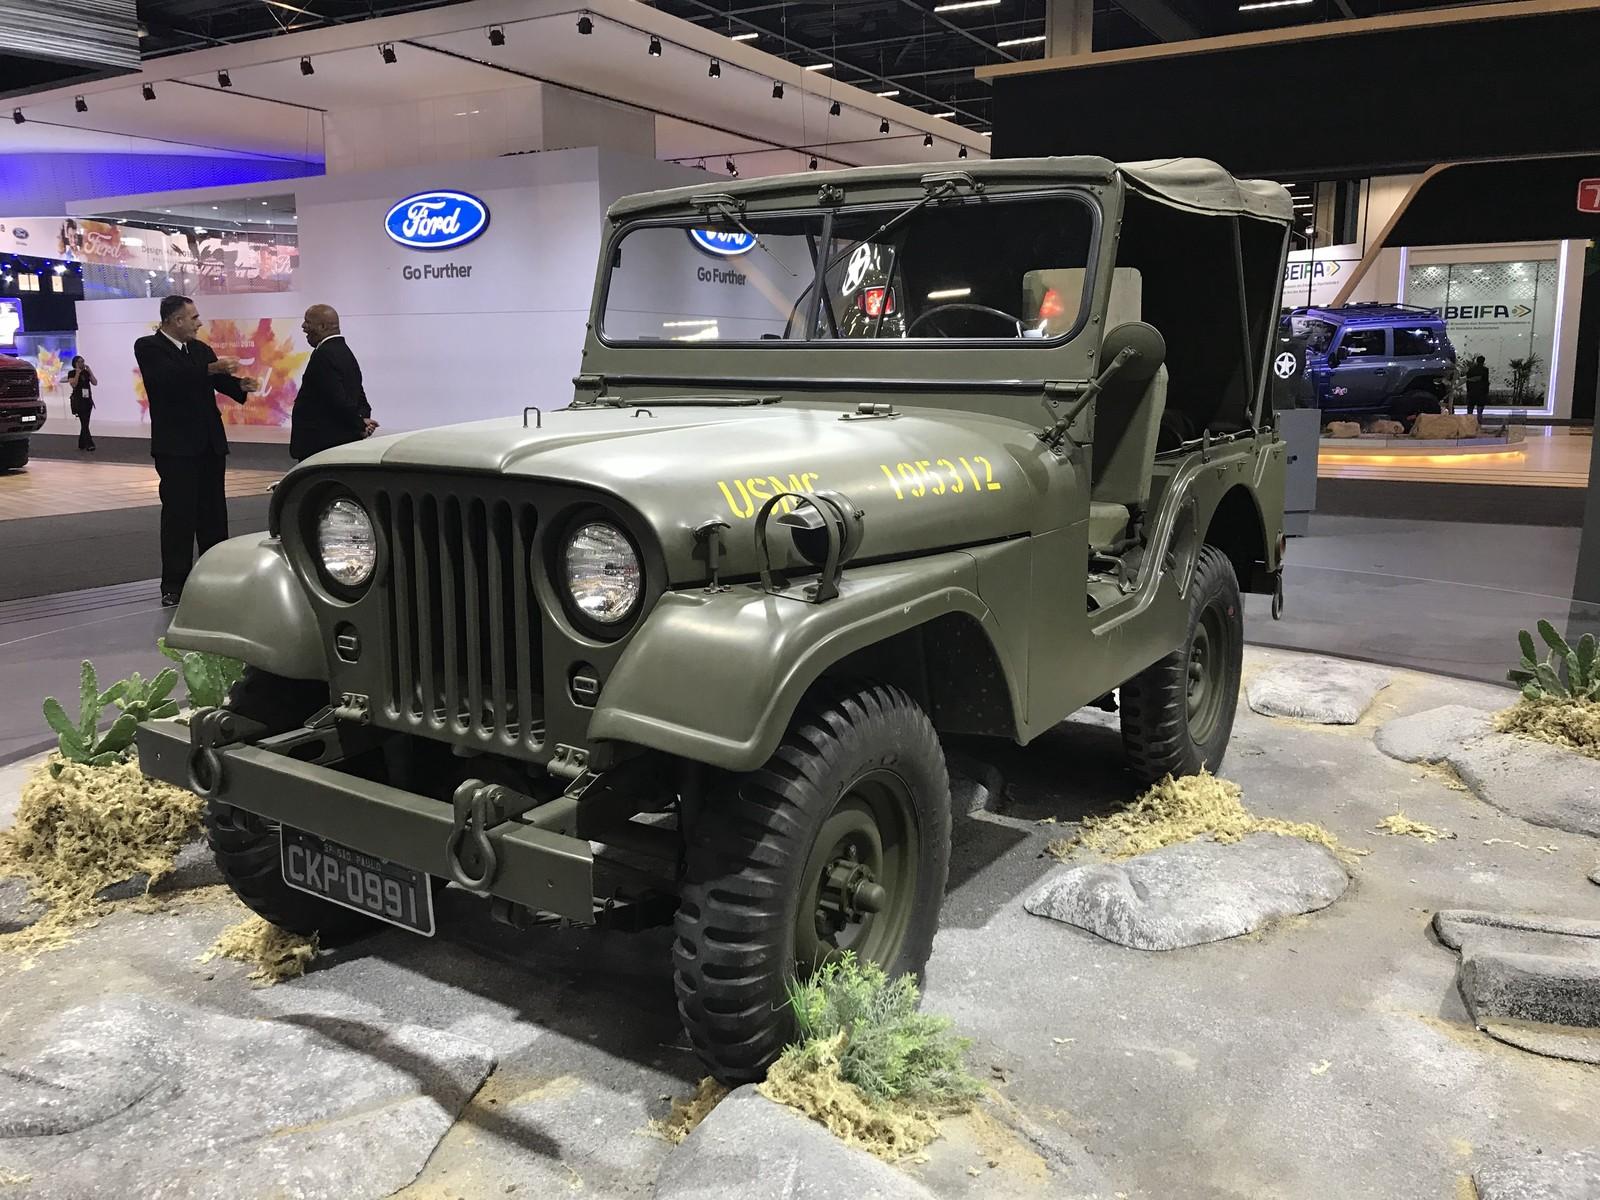 De Jeep da guerra até primeiro Porsche, marcas revivem clássicos no Salão do Automóvel Img-3849